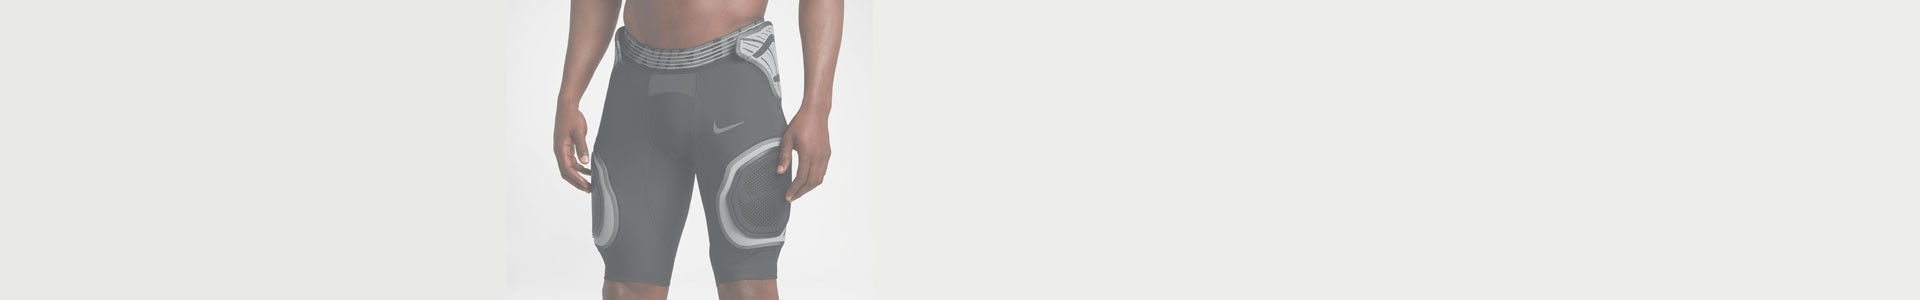 Pantalones de Fútbol Americano online | Compra en AnyGivenSunday.Shop